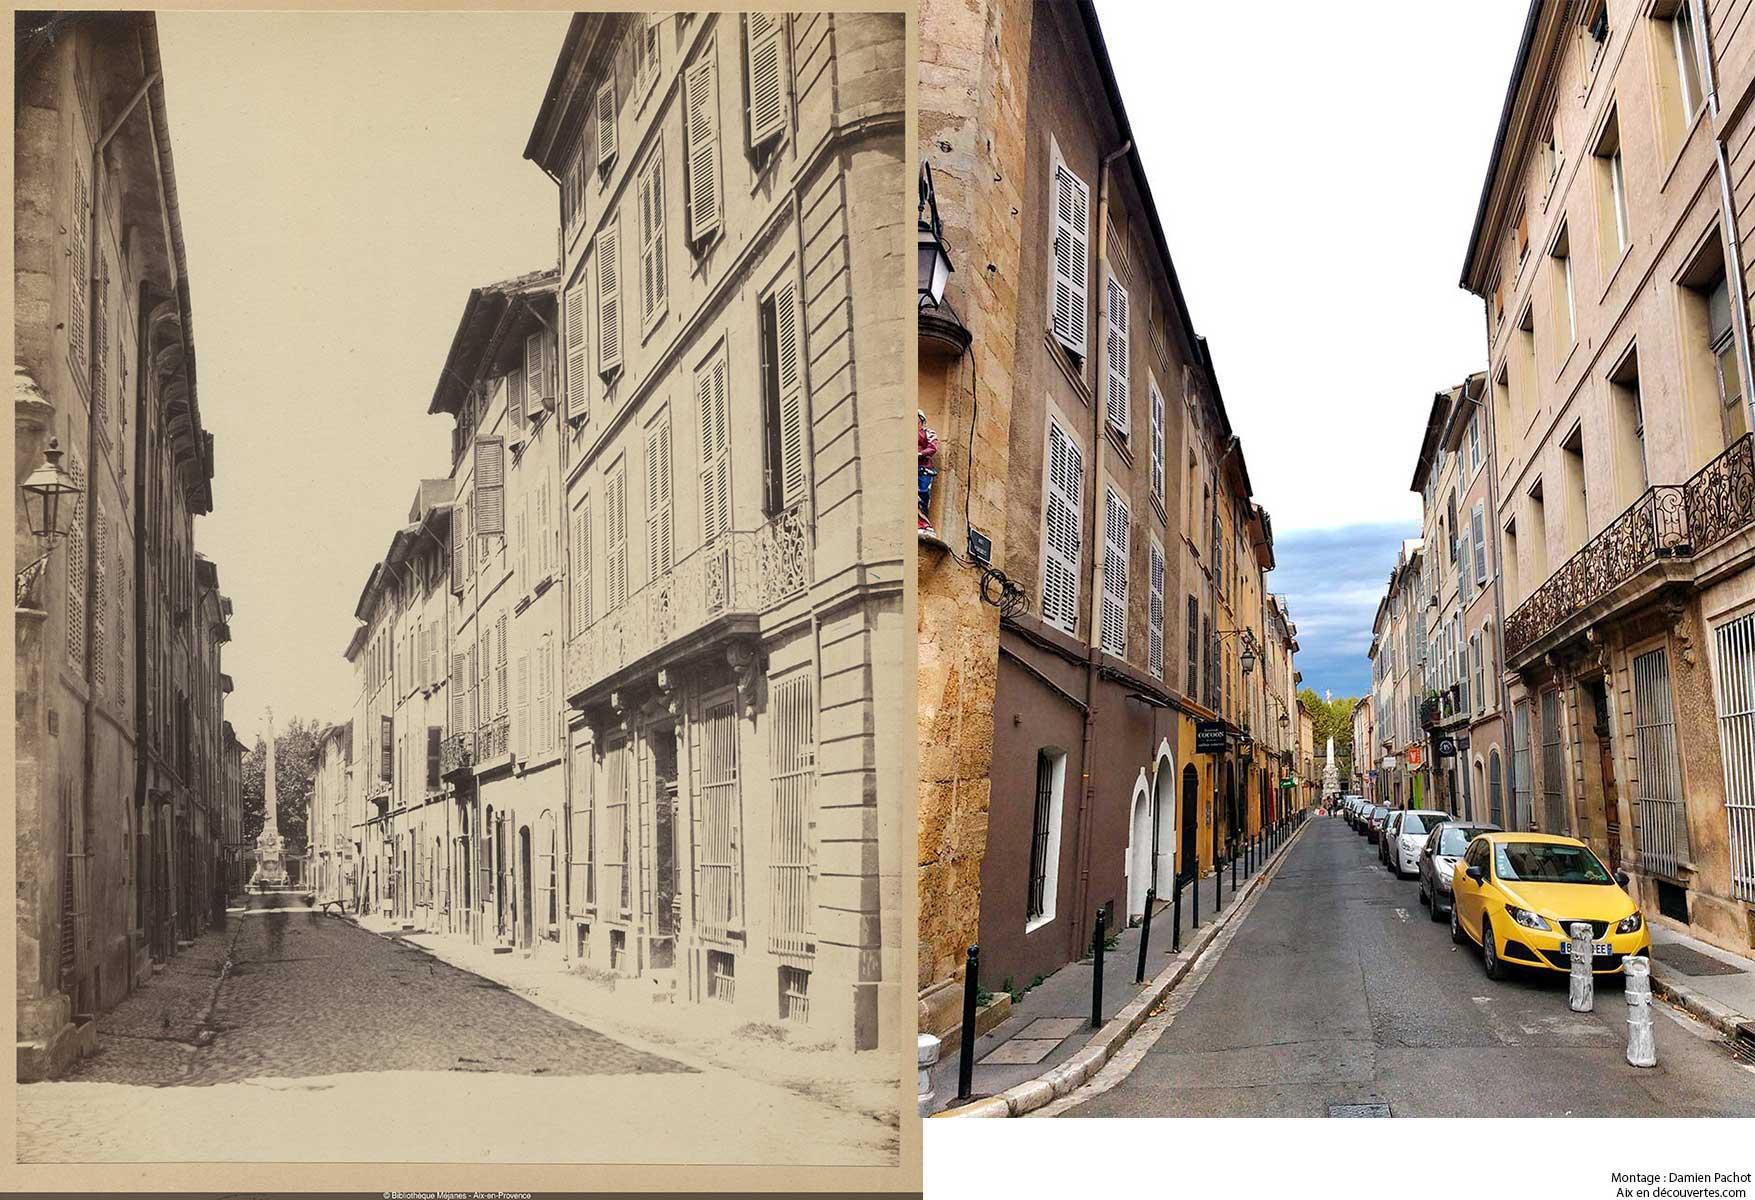 La rue Portalis au XIXe siècle et de nos jours - Bibliothèque Méjanes, Aix-en-Provence, Cote : PHO. GON. (2), 83